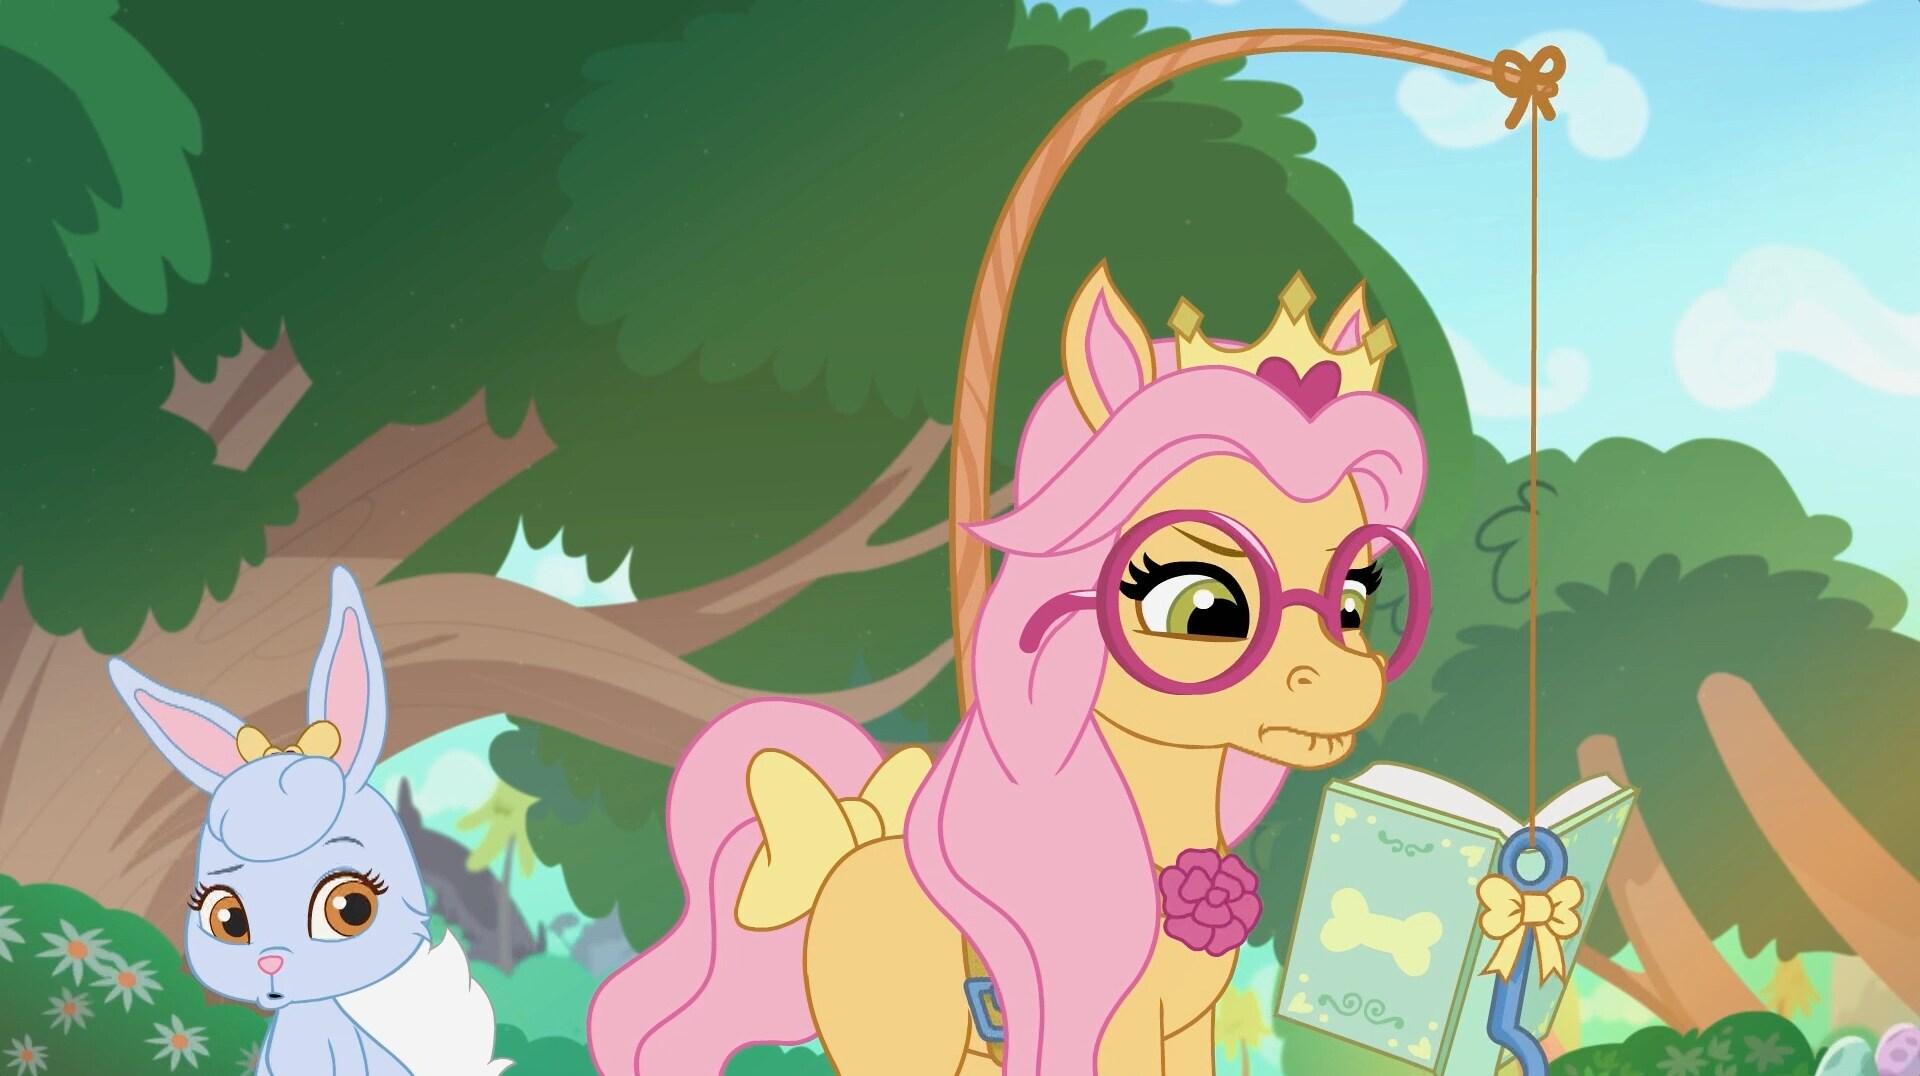 El campeón busca-galletas - Reino Mascota - Whisker Haven